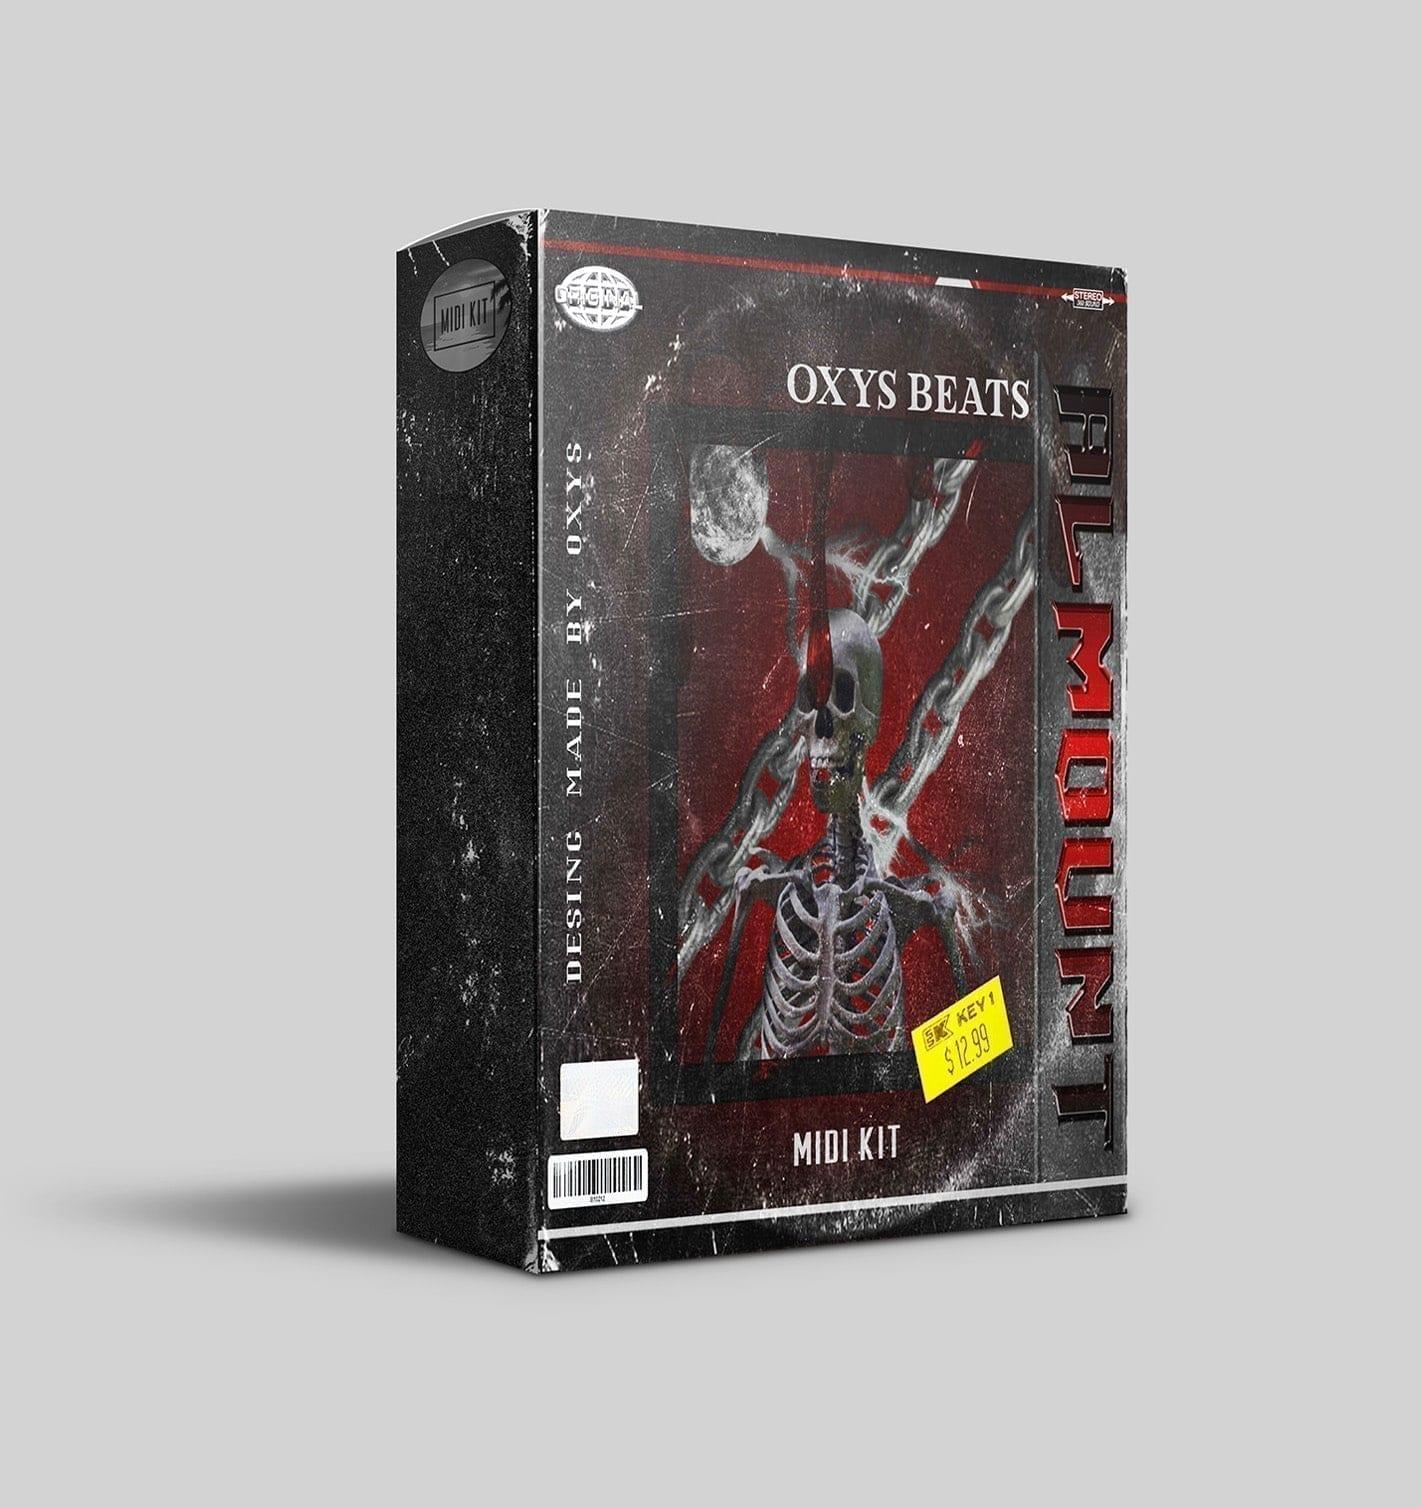 OX - Almount Modern Hip-Hop trap MIDI Kit